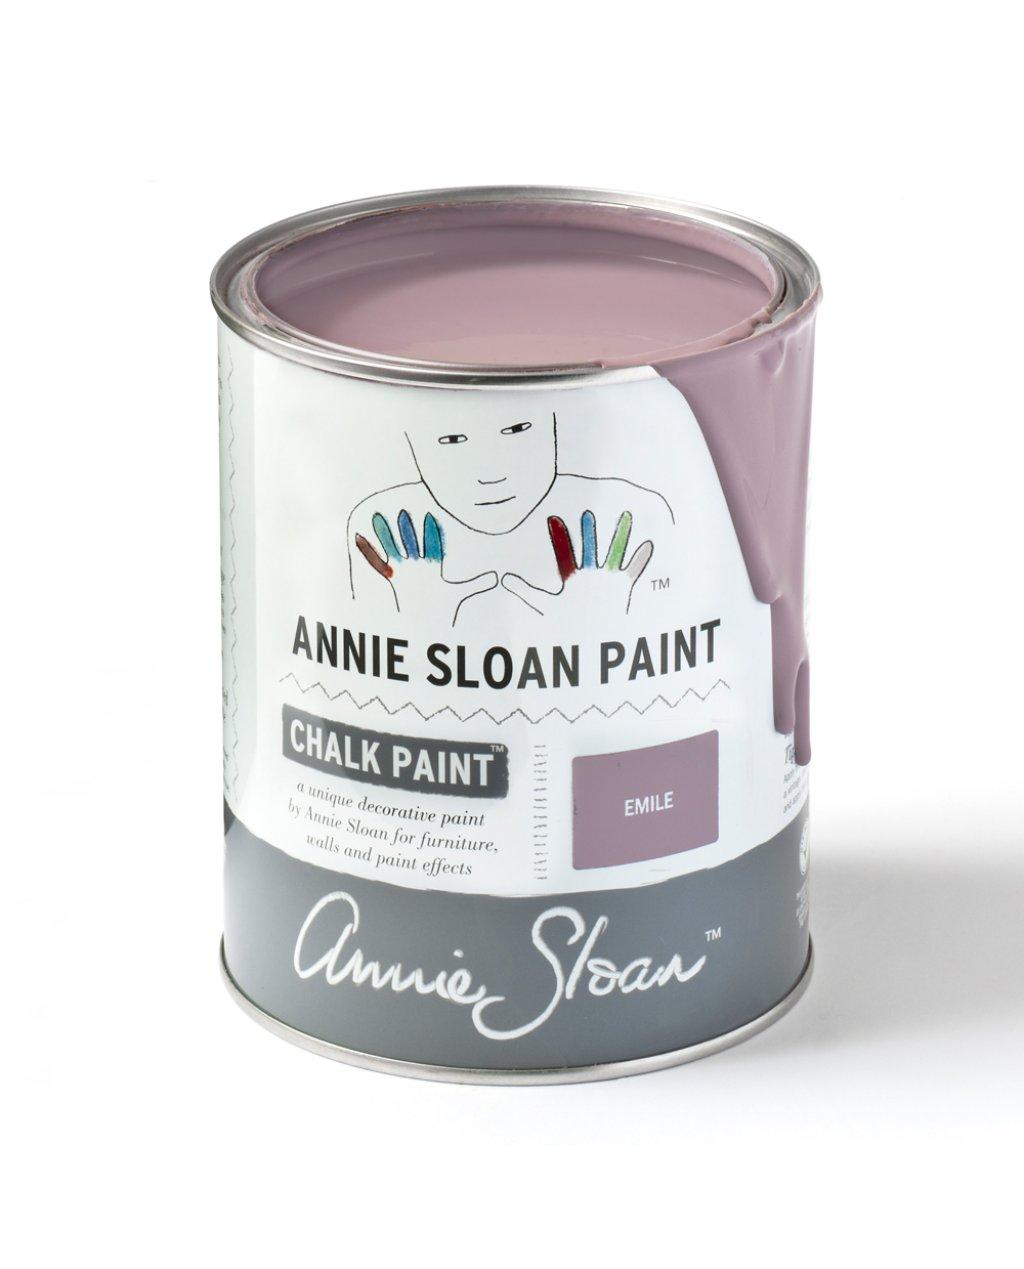 Annie Sloan Chalk Paint - Emile